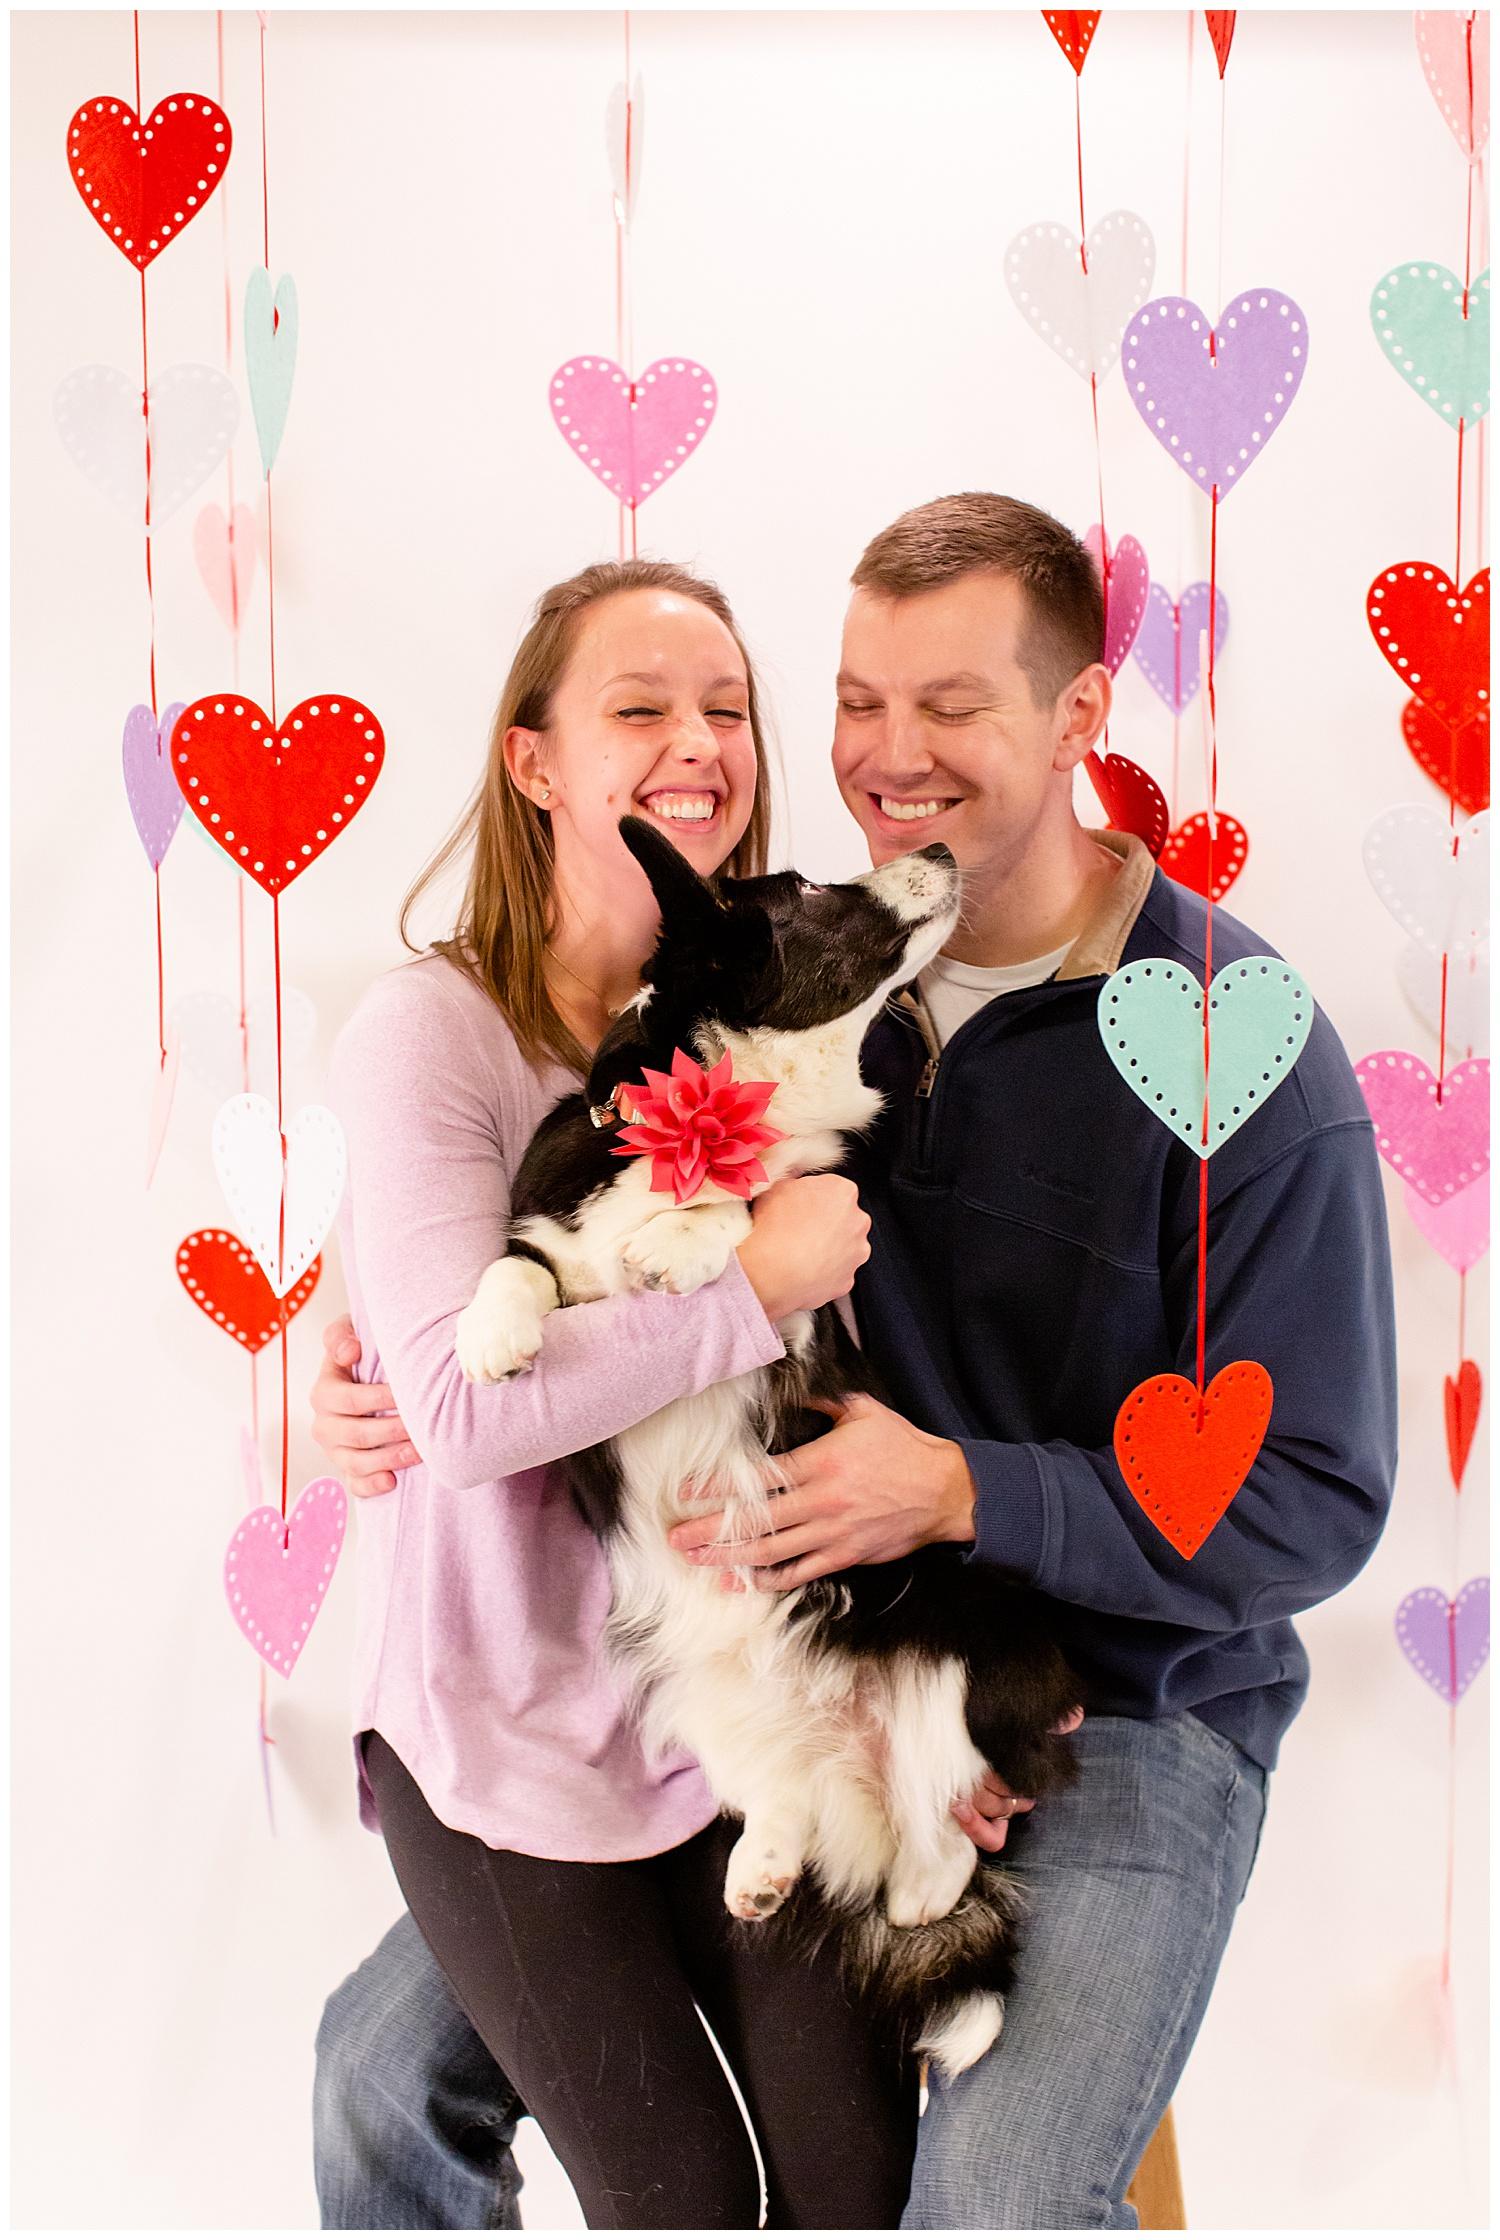 emily-belson-photography-couple-dog-valentine-photoshoot-03.jpg